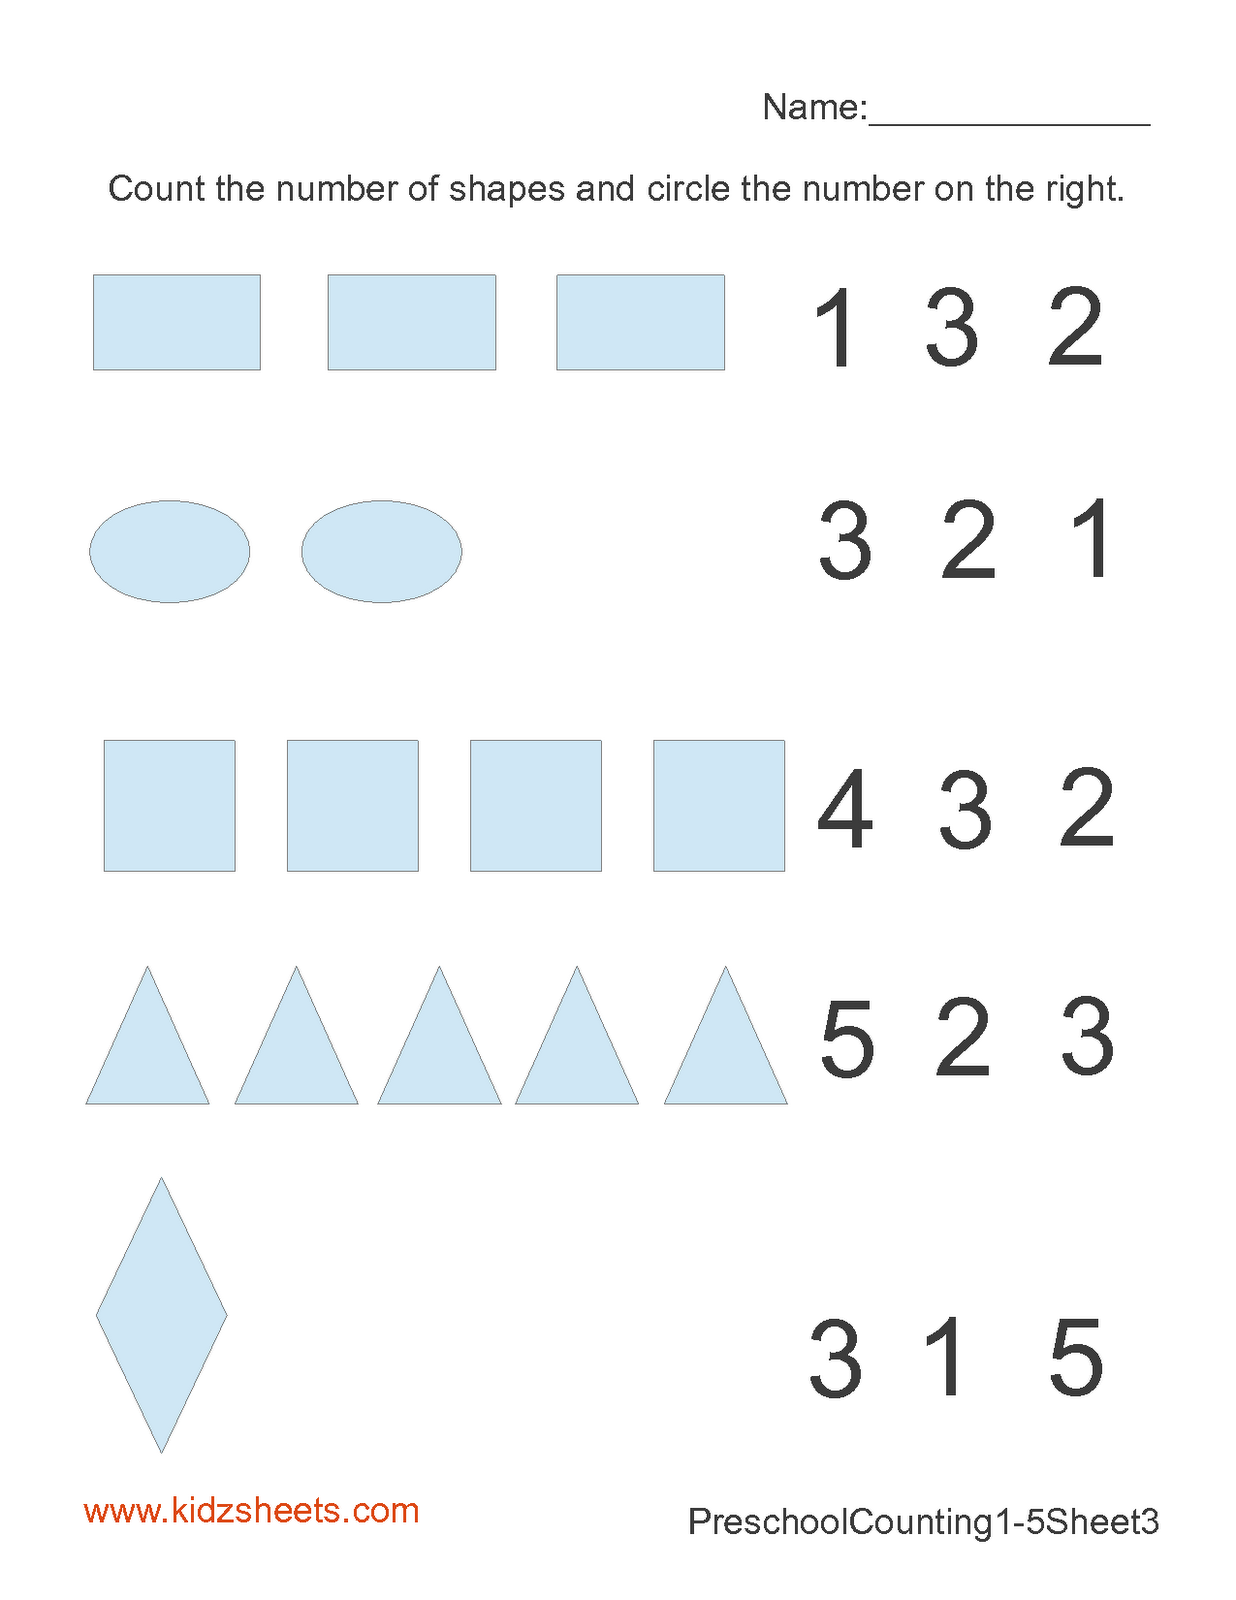 Kidz Worksheets: Preschool Counting Numbers Worksheet3 [ 1600 x 1236 Pixel ]